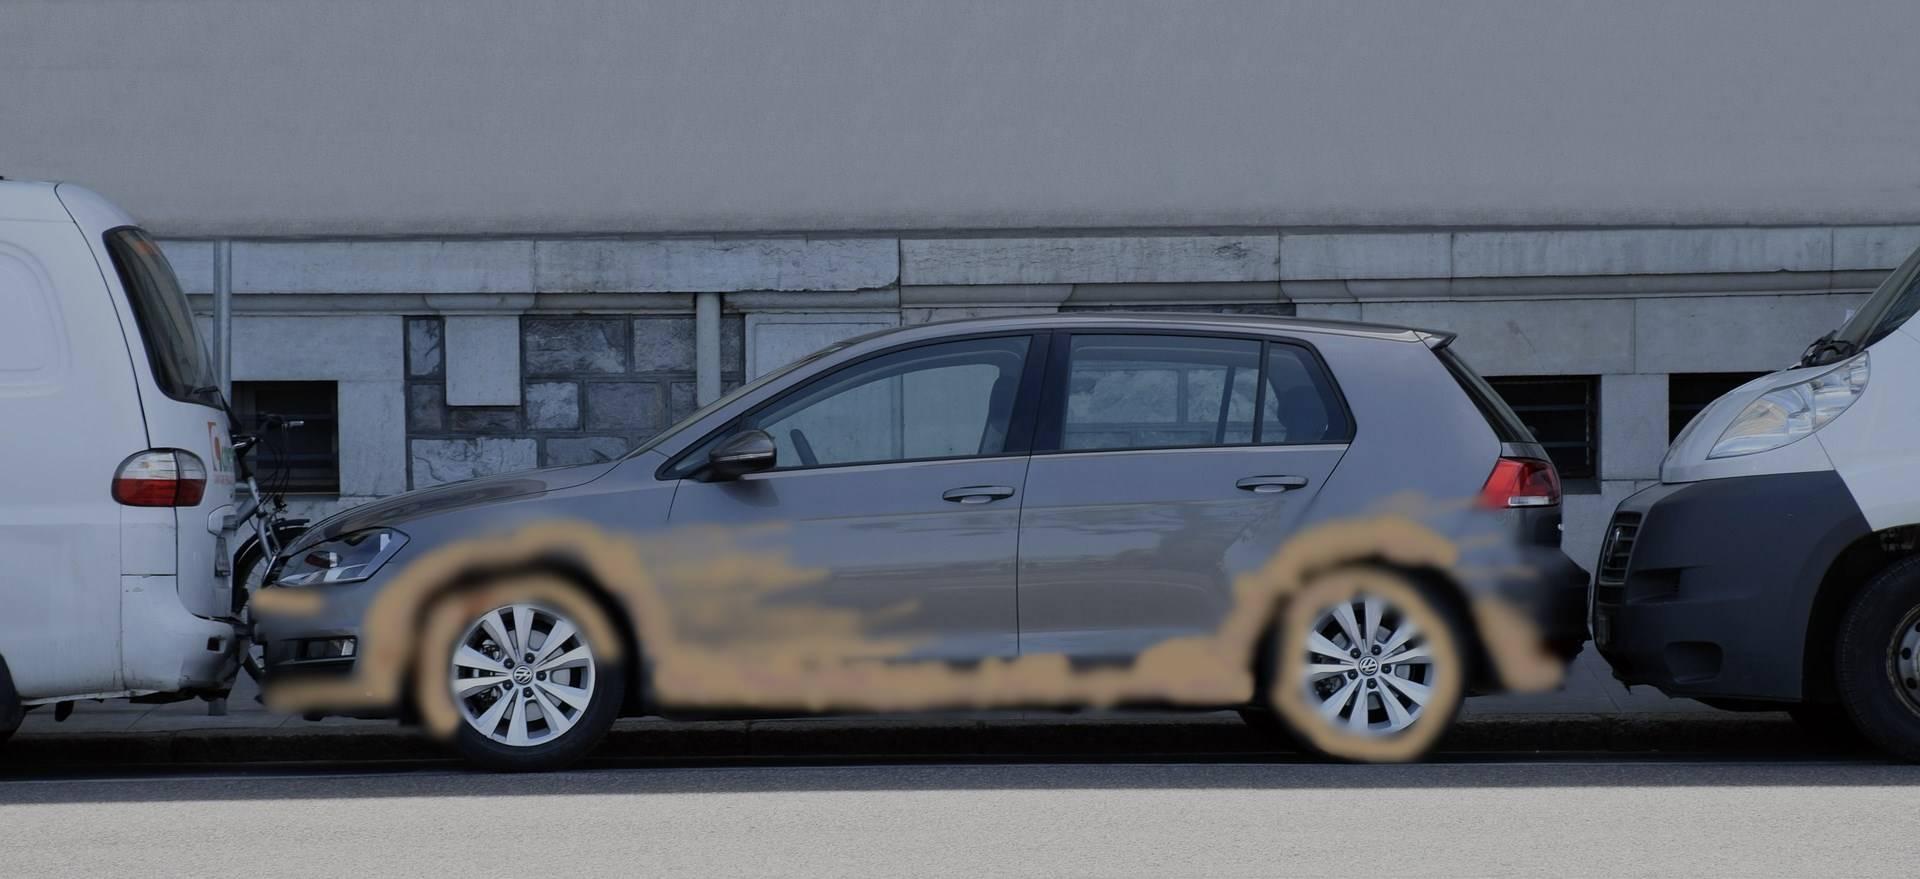 VW Gebrauchtwagen kaufen 24837 Autohaus Schleswig Jordt Volkswagen Neuwagen waschen waschstraße sauber reinigen aufbereitung dreckig